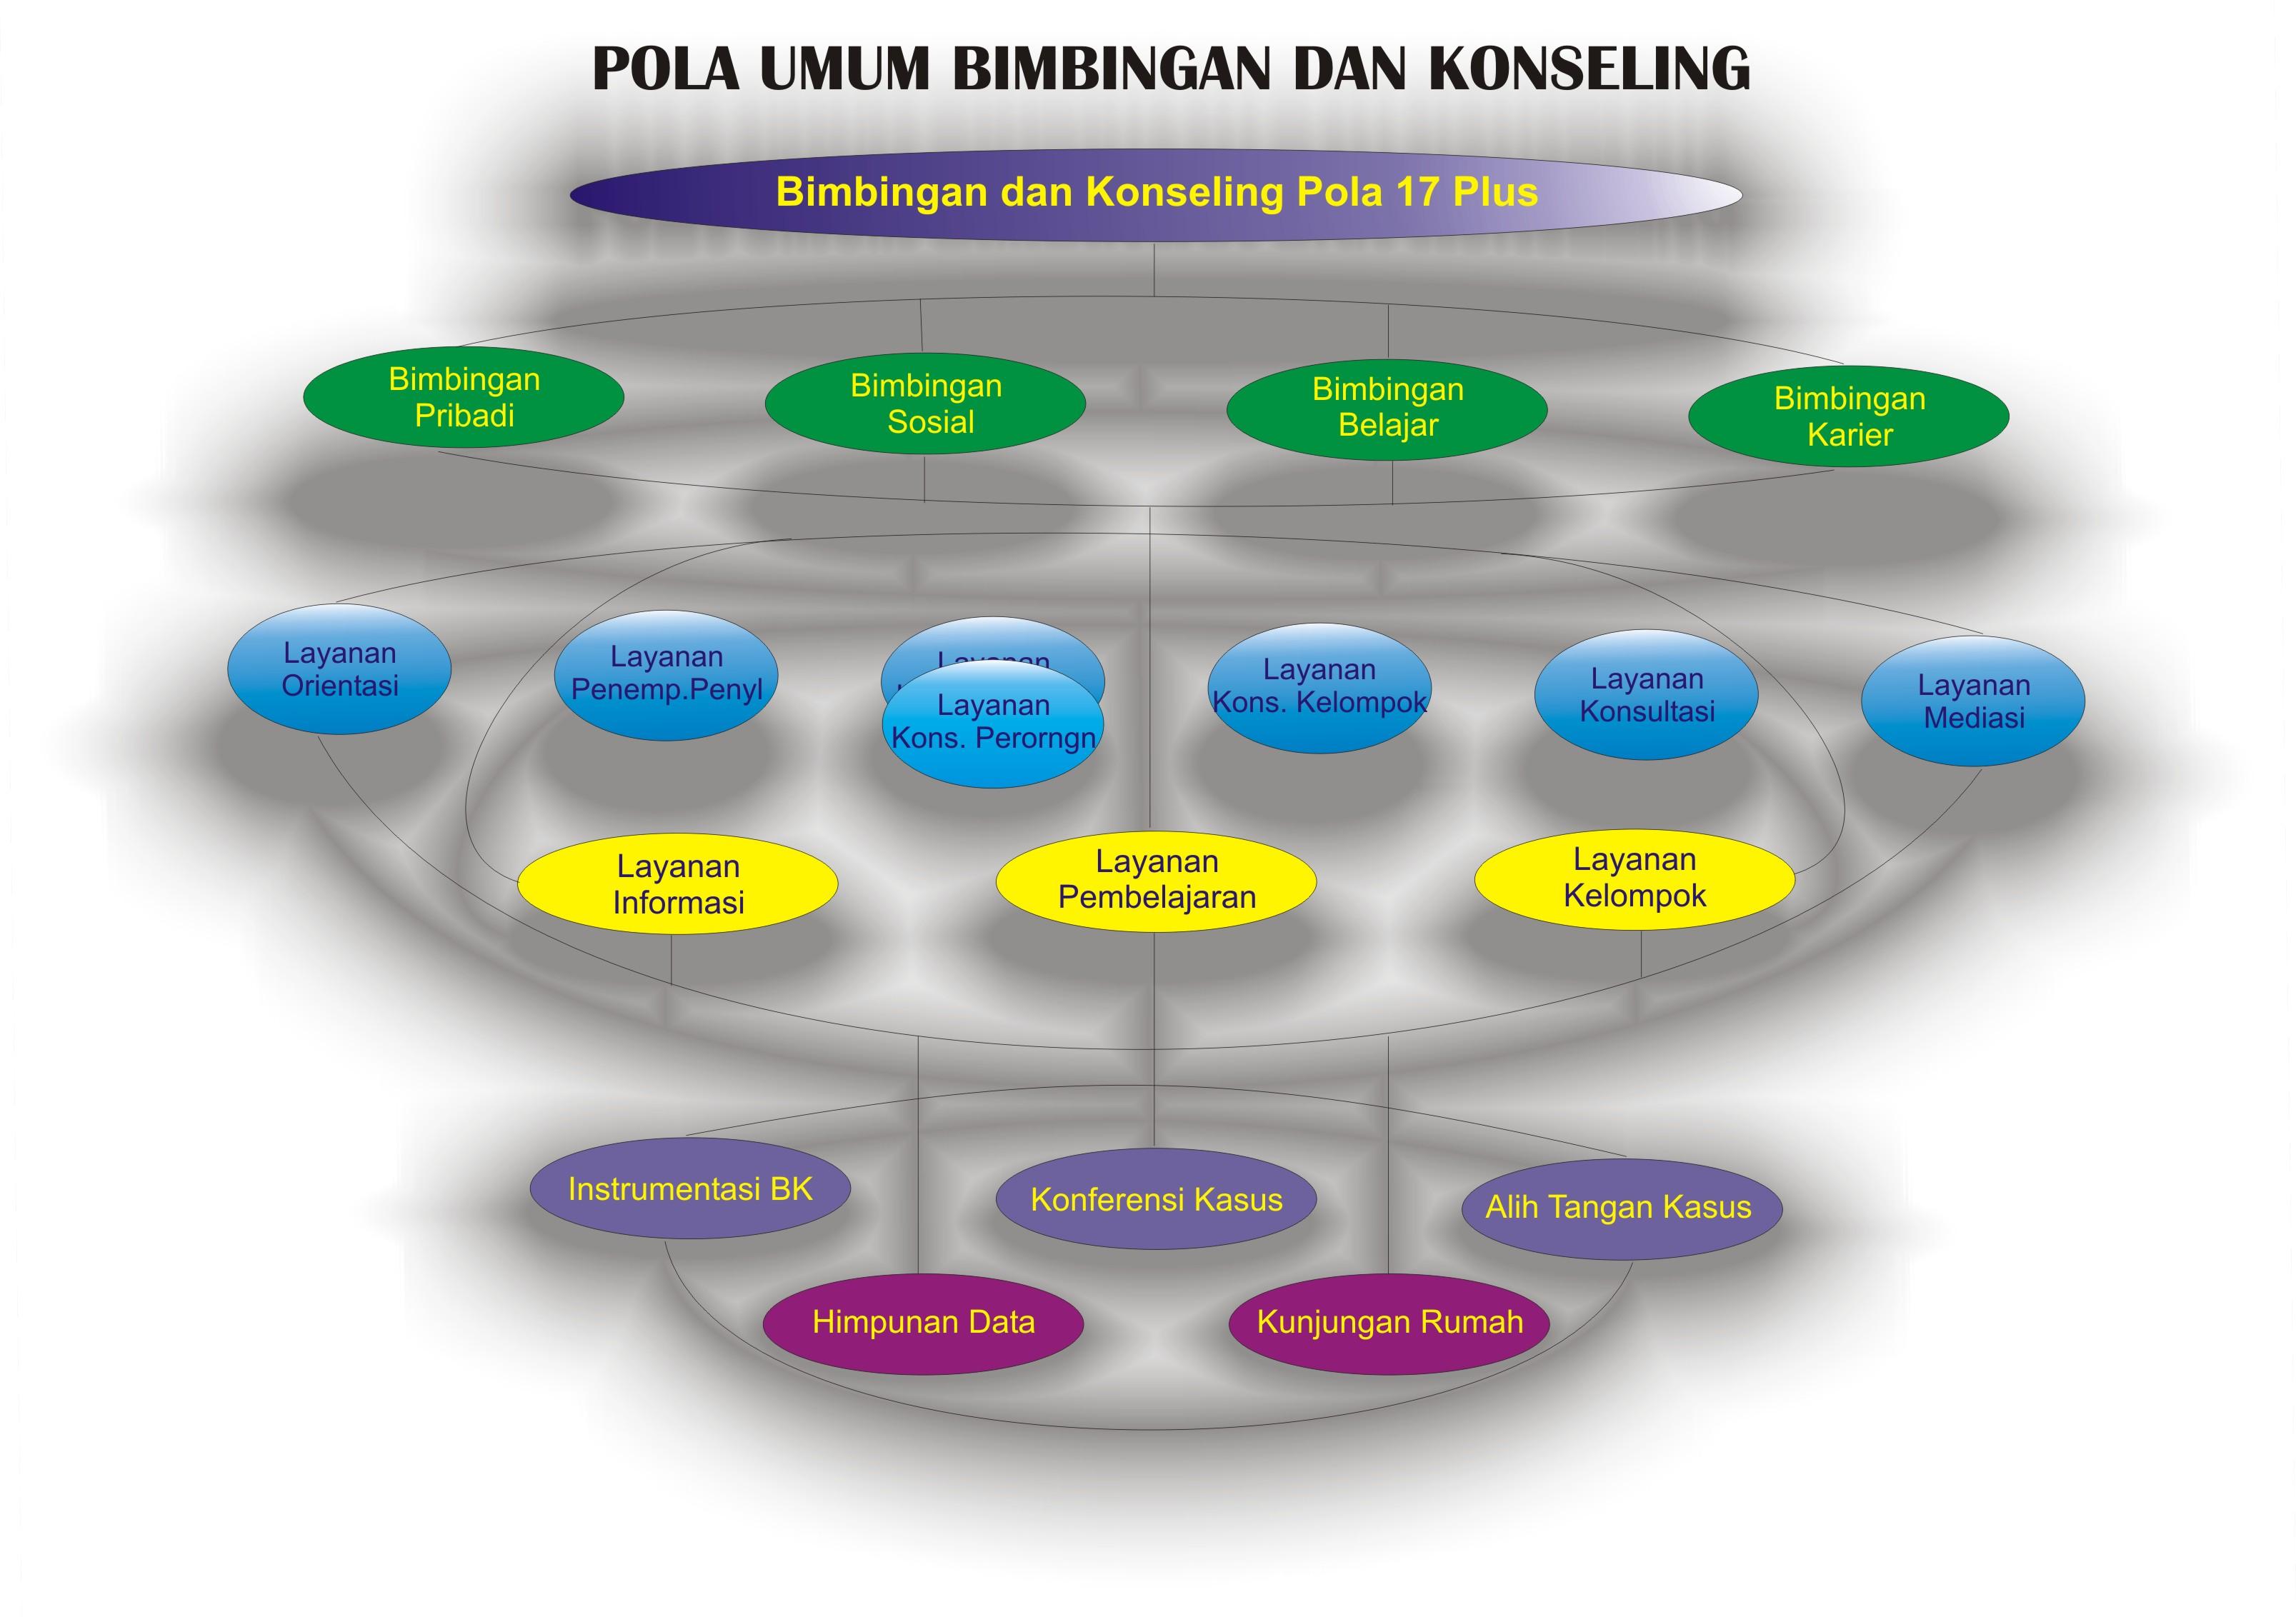 Judul Untuk Skripsi Bimbingan Konseling Kumpulan Judul Contoh Skripsi Bimbingan Konseling Ilmu Psikologi Dan Bimbingan Konseling Share The Knownledge